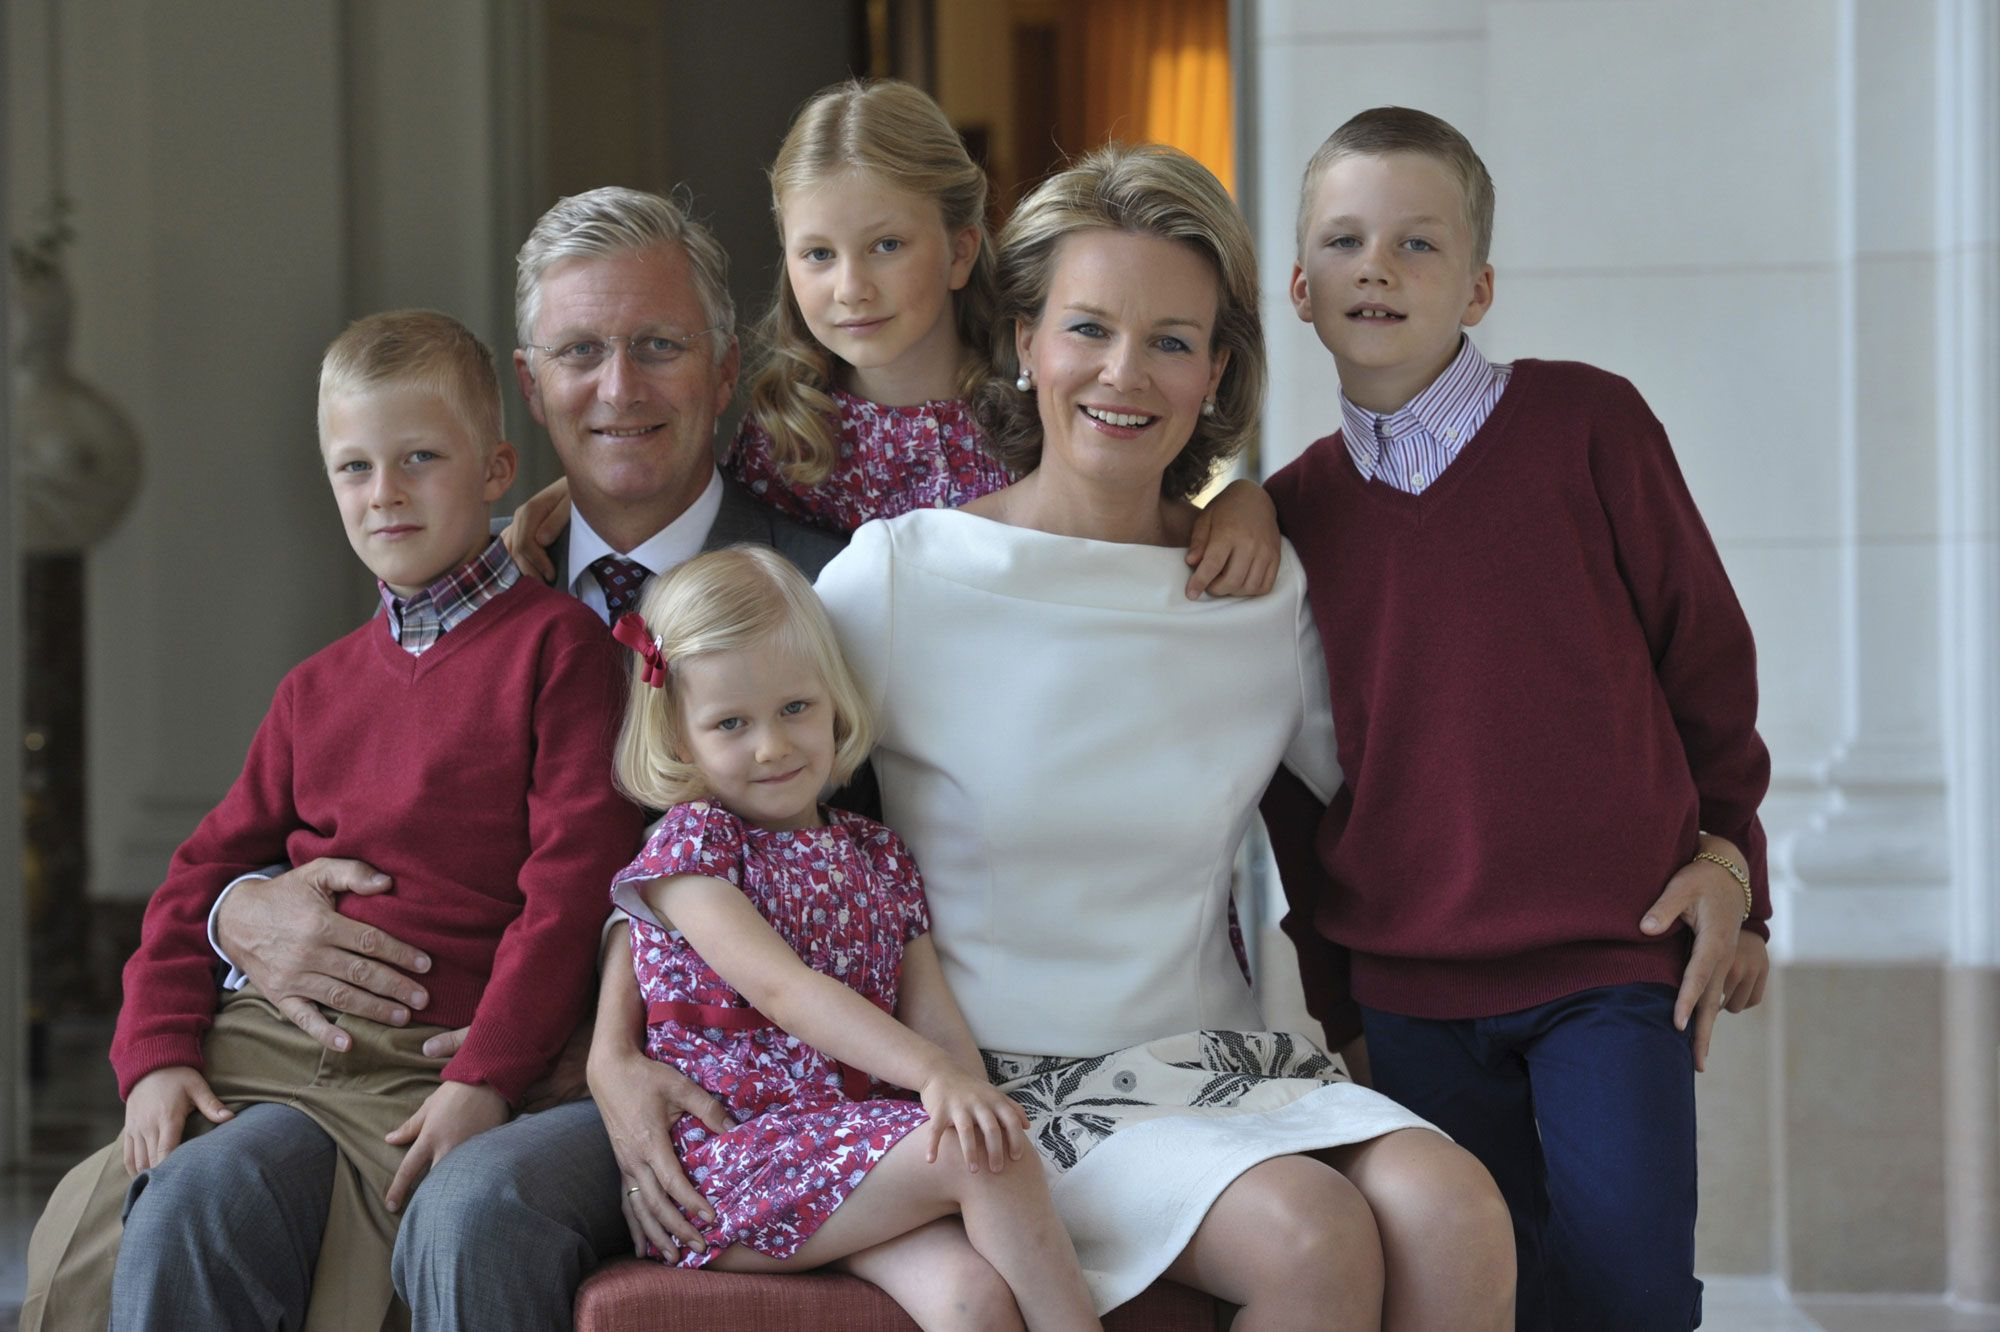 Philippe-et-Mathilde-avec-leurs-enfants-Emmanuel-Eleonore-Elisabeth-et-Gabriel.jpg (2000×1332)